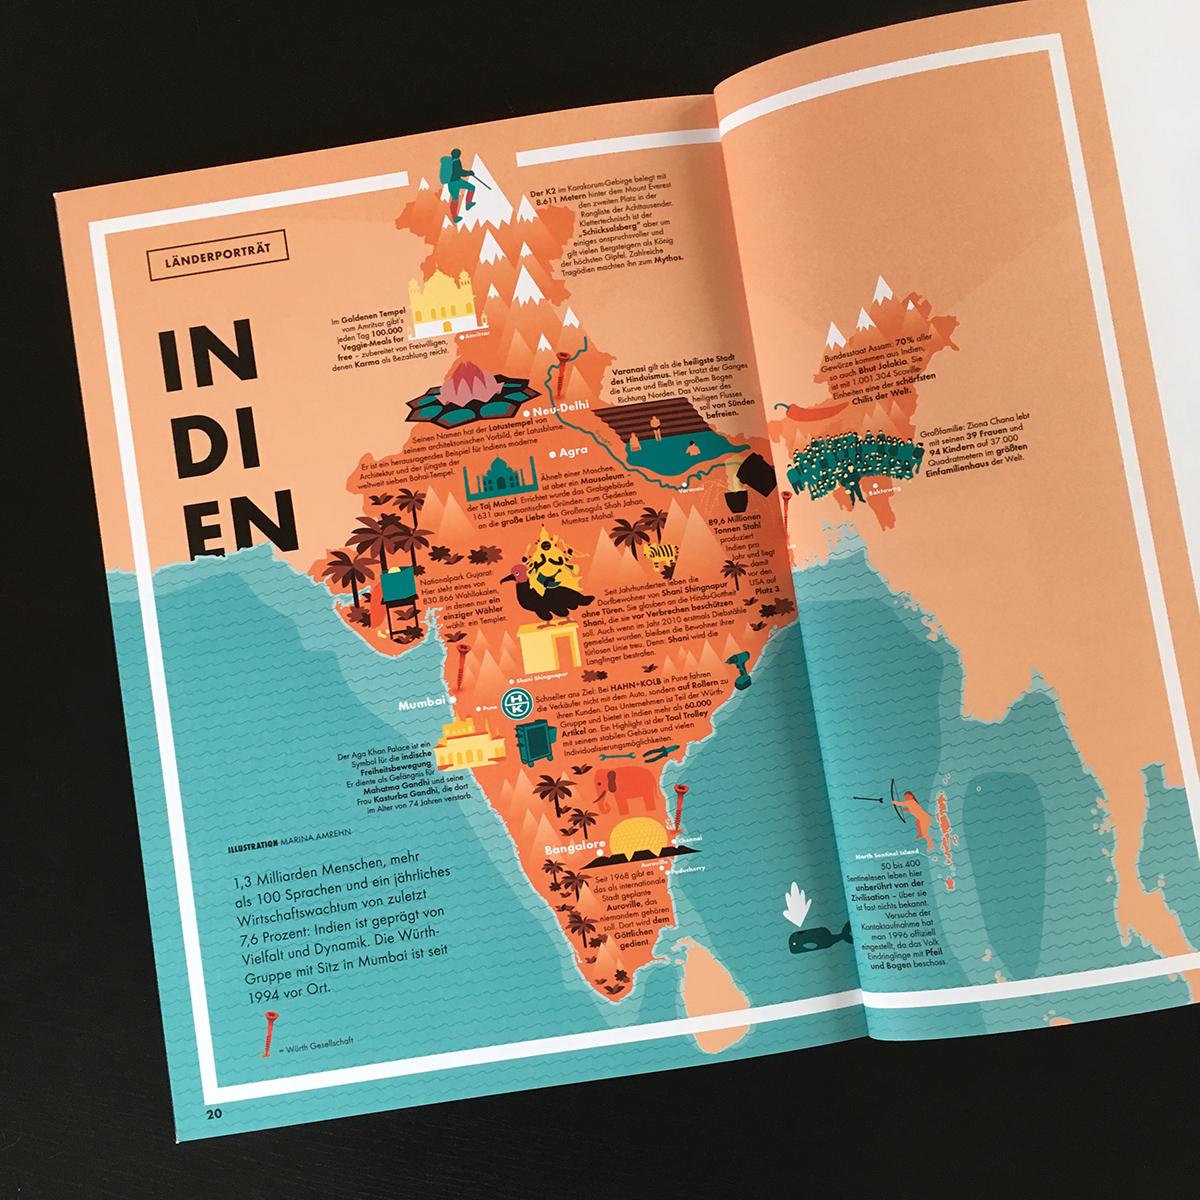 Die gedruckte illustrierte Karte in dem Magazin auf einer Doppelseite. Marina Schilling